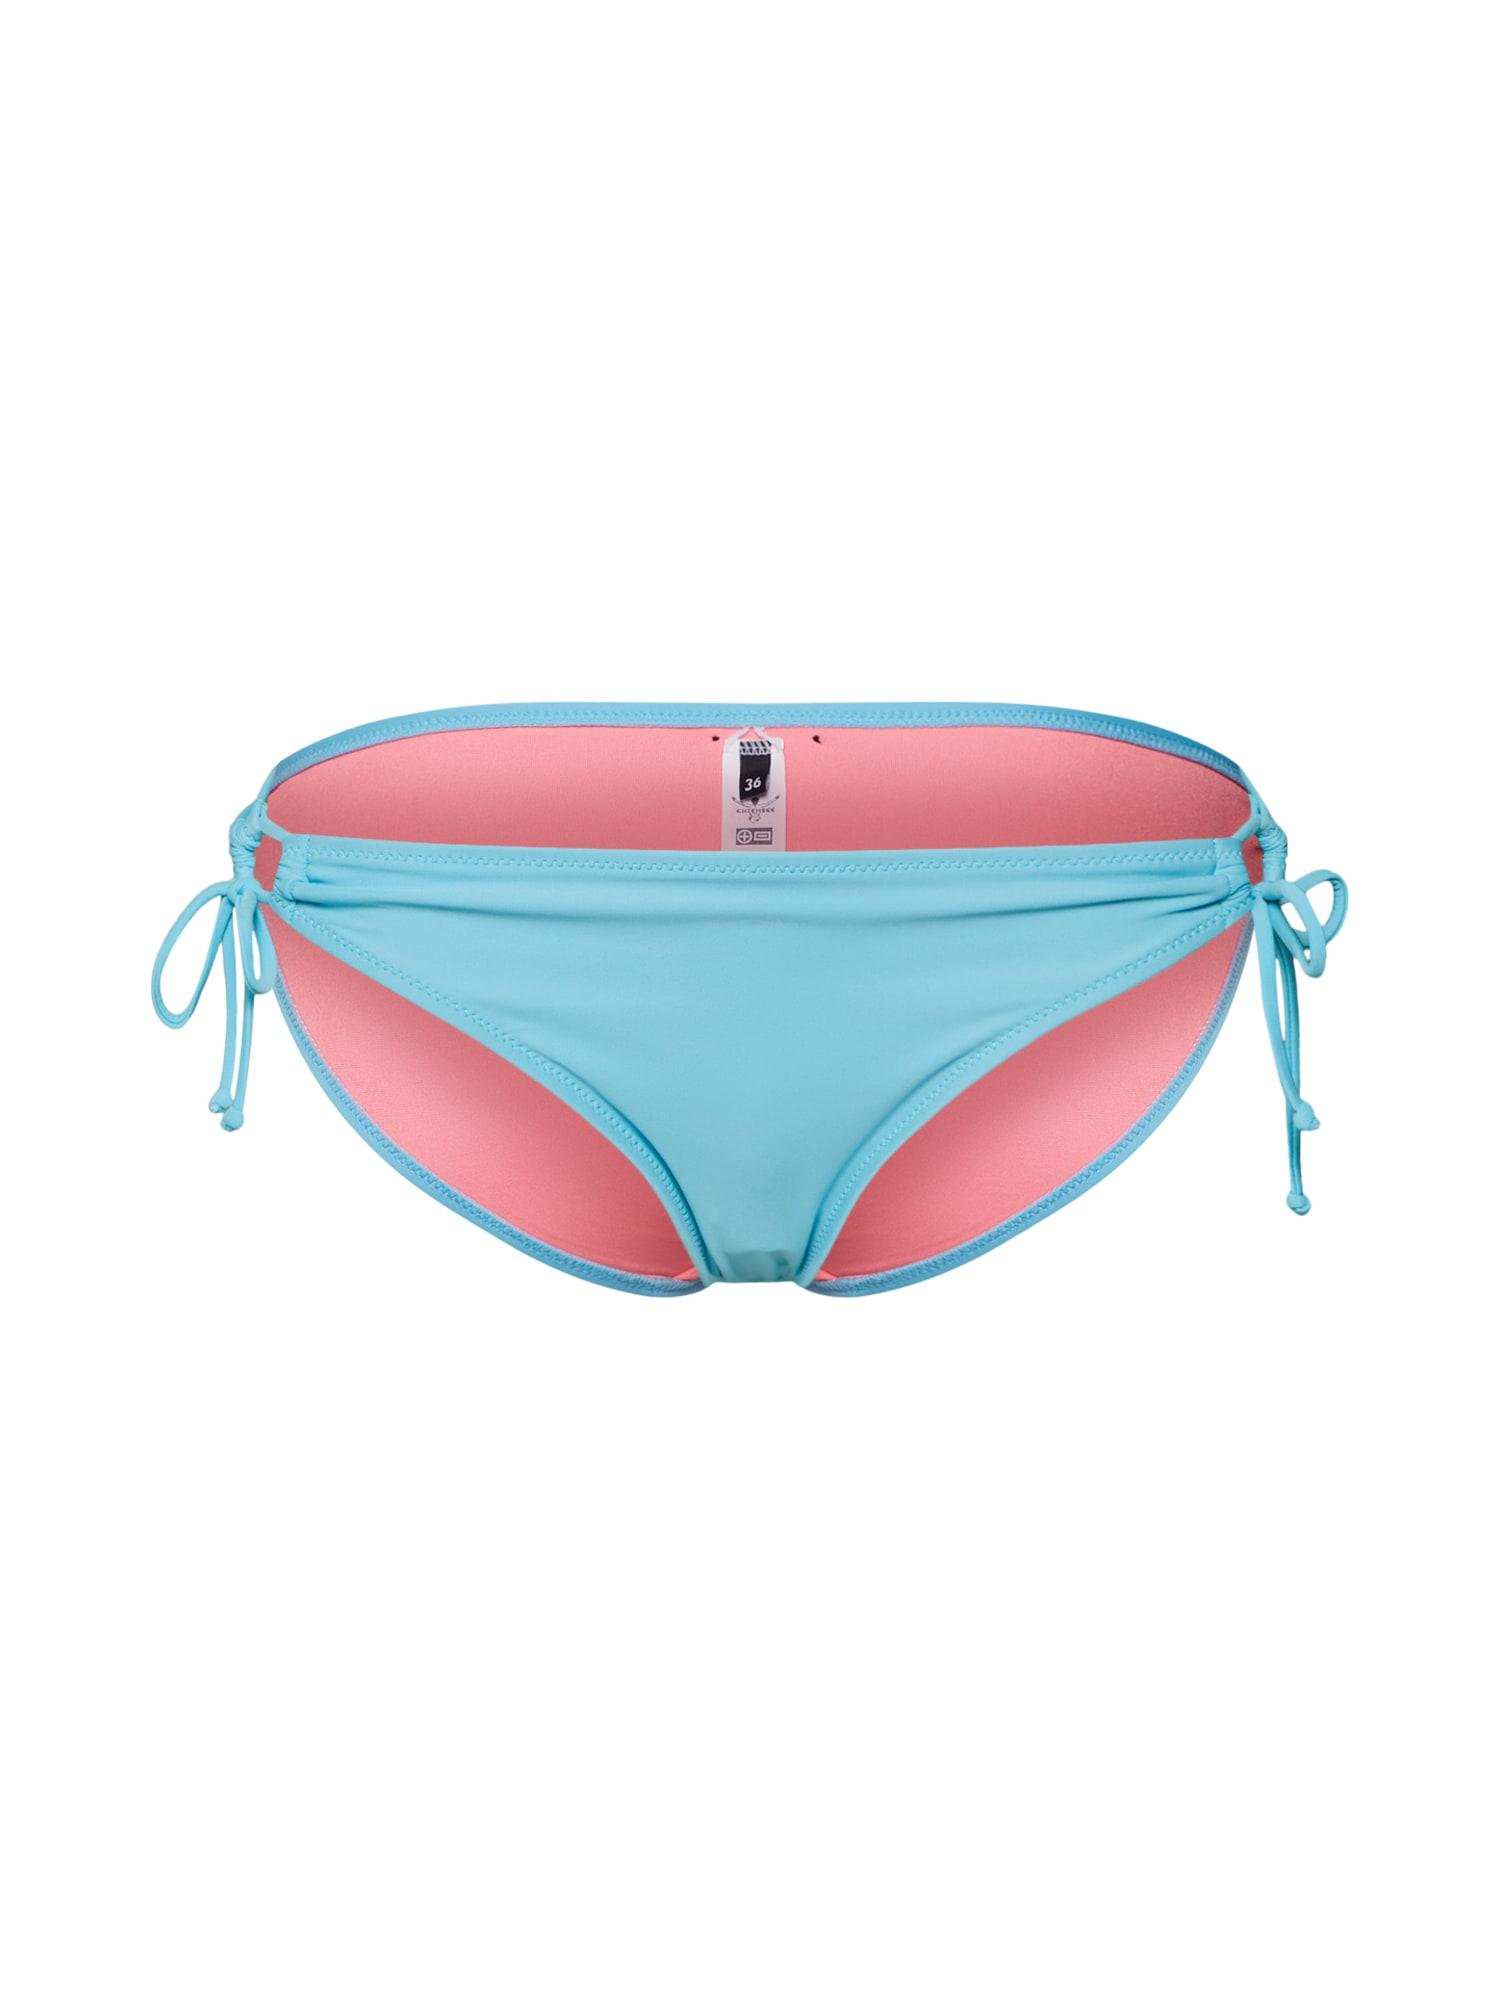 CHIEMSEE Bikinio kelnaitės šviesiai mėlyna